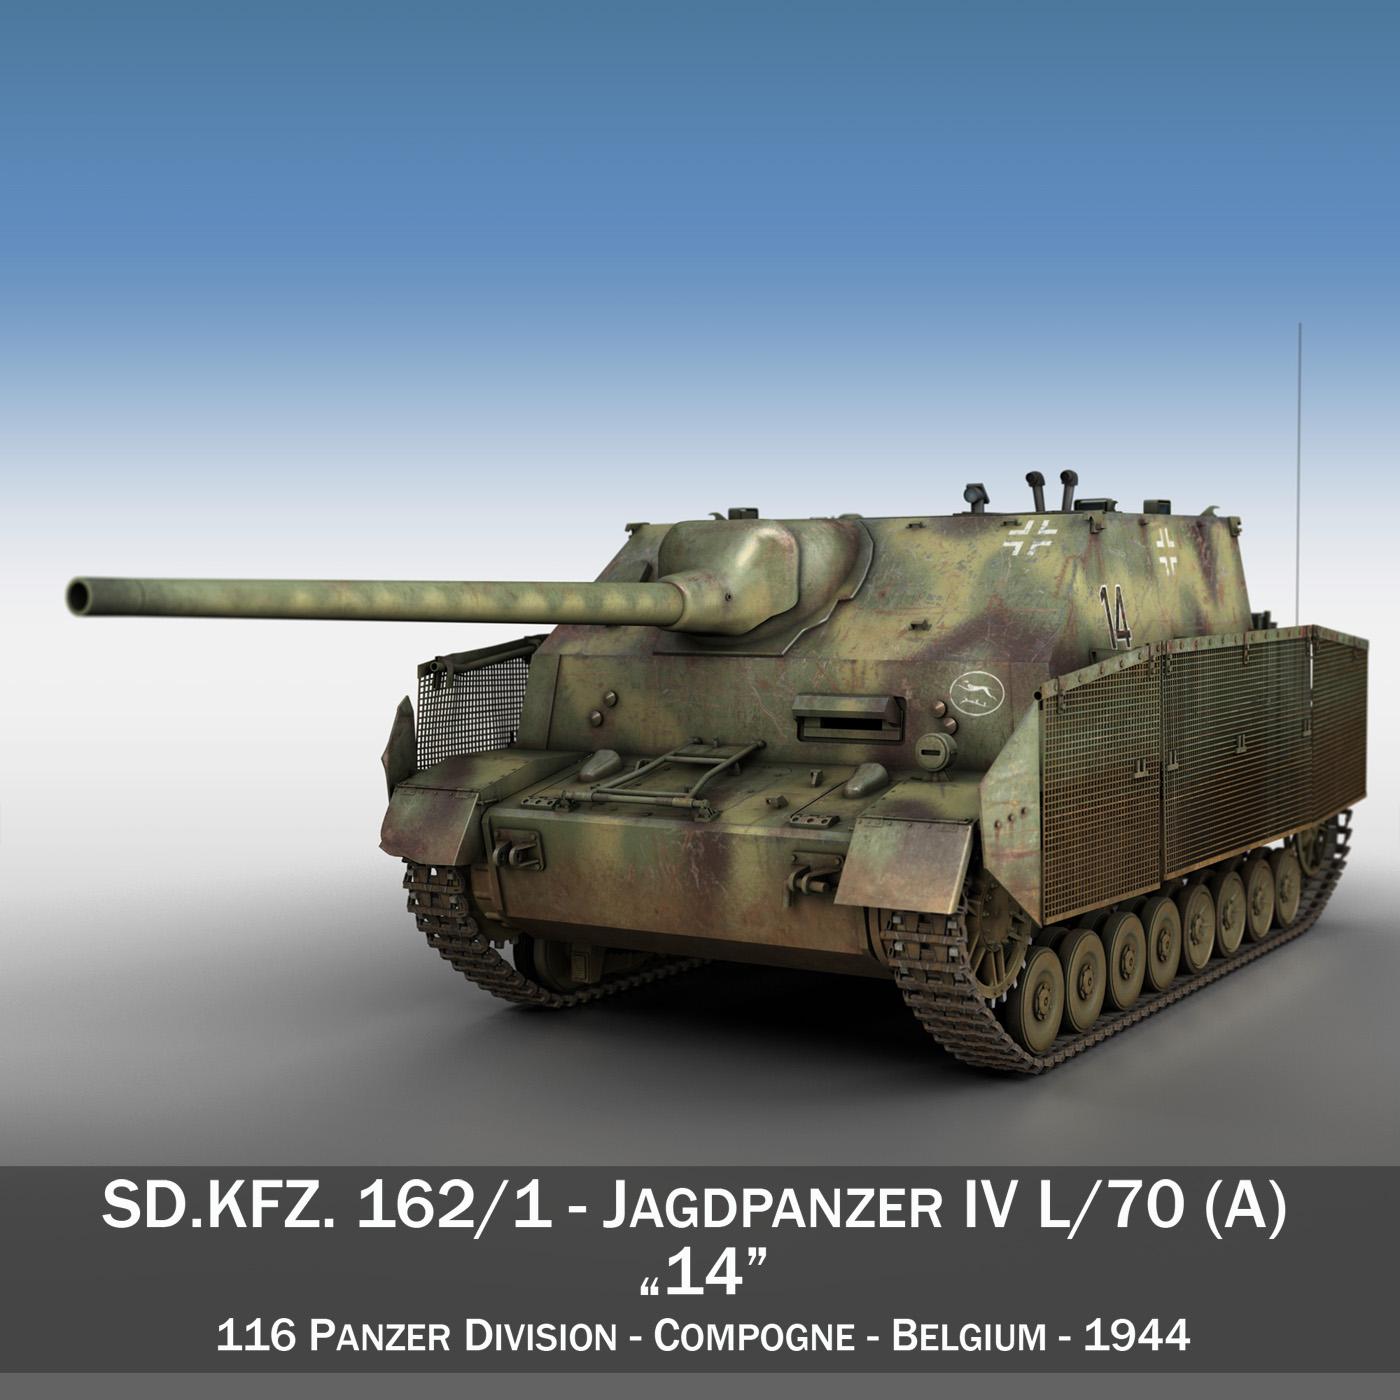 Jagdpanzer IV L/70 (A) - 14 3d model 3ds fbx c4d lwo lws lw obj 282327